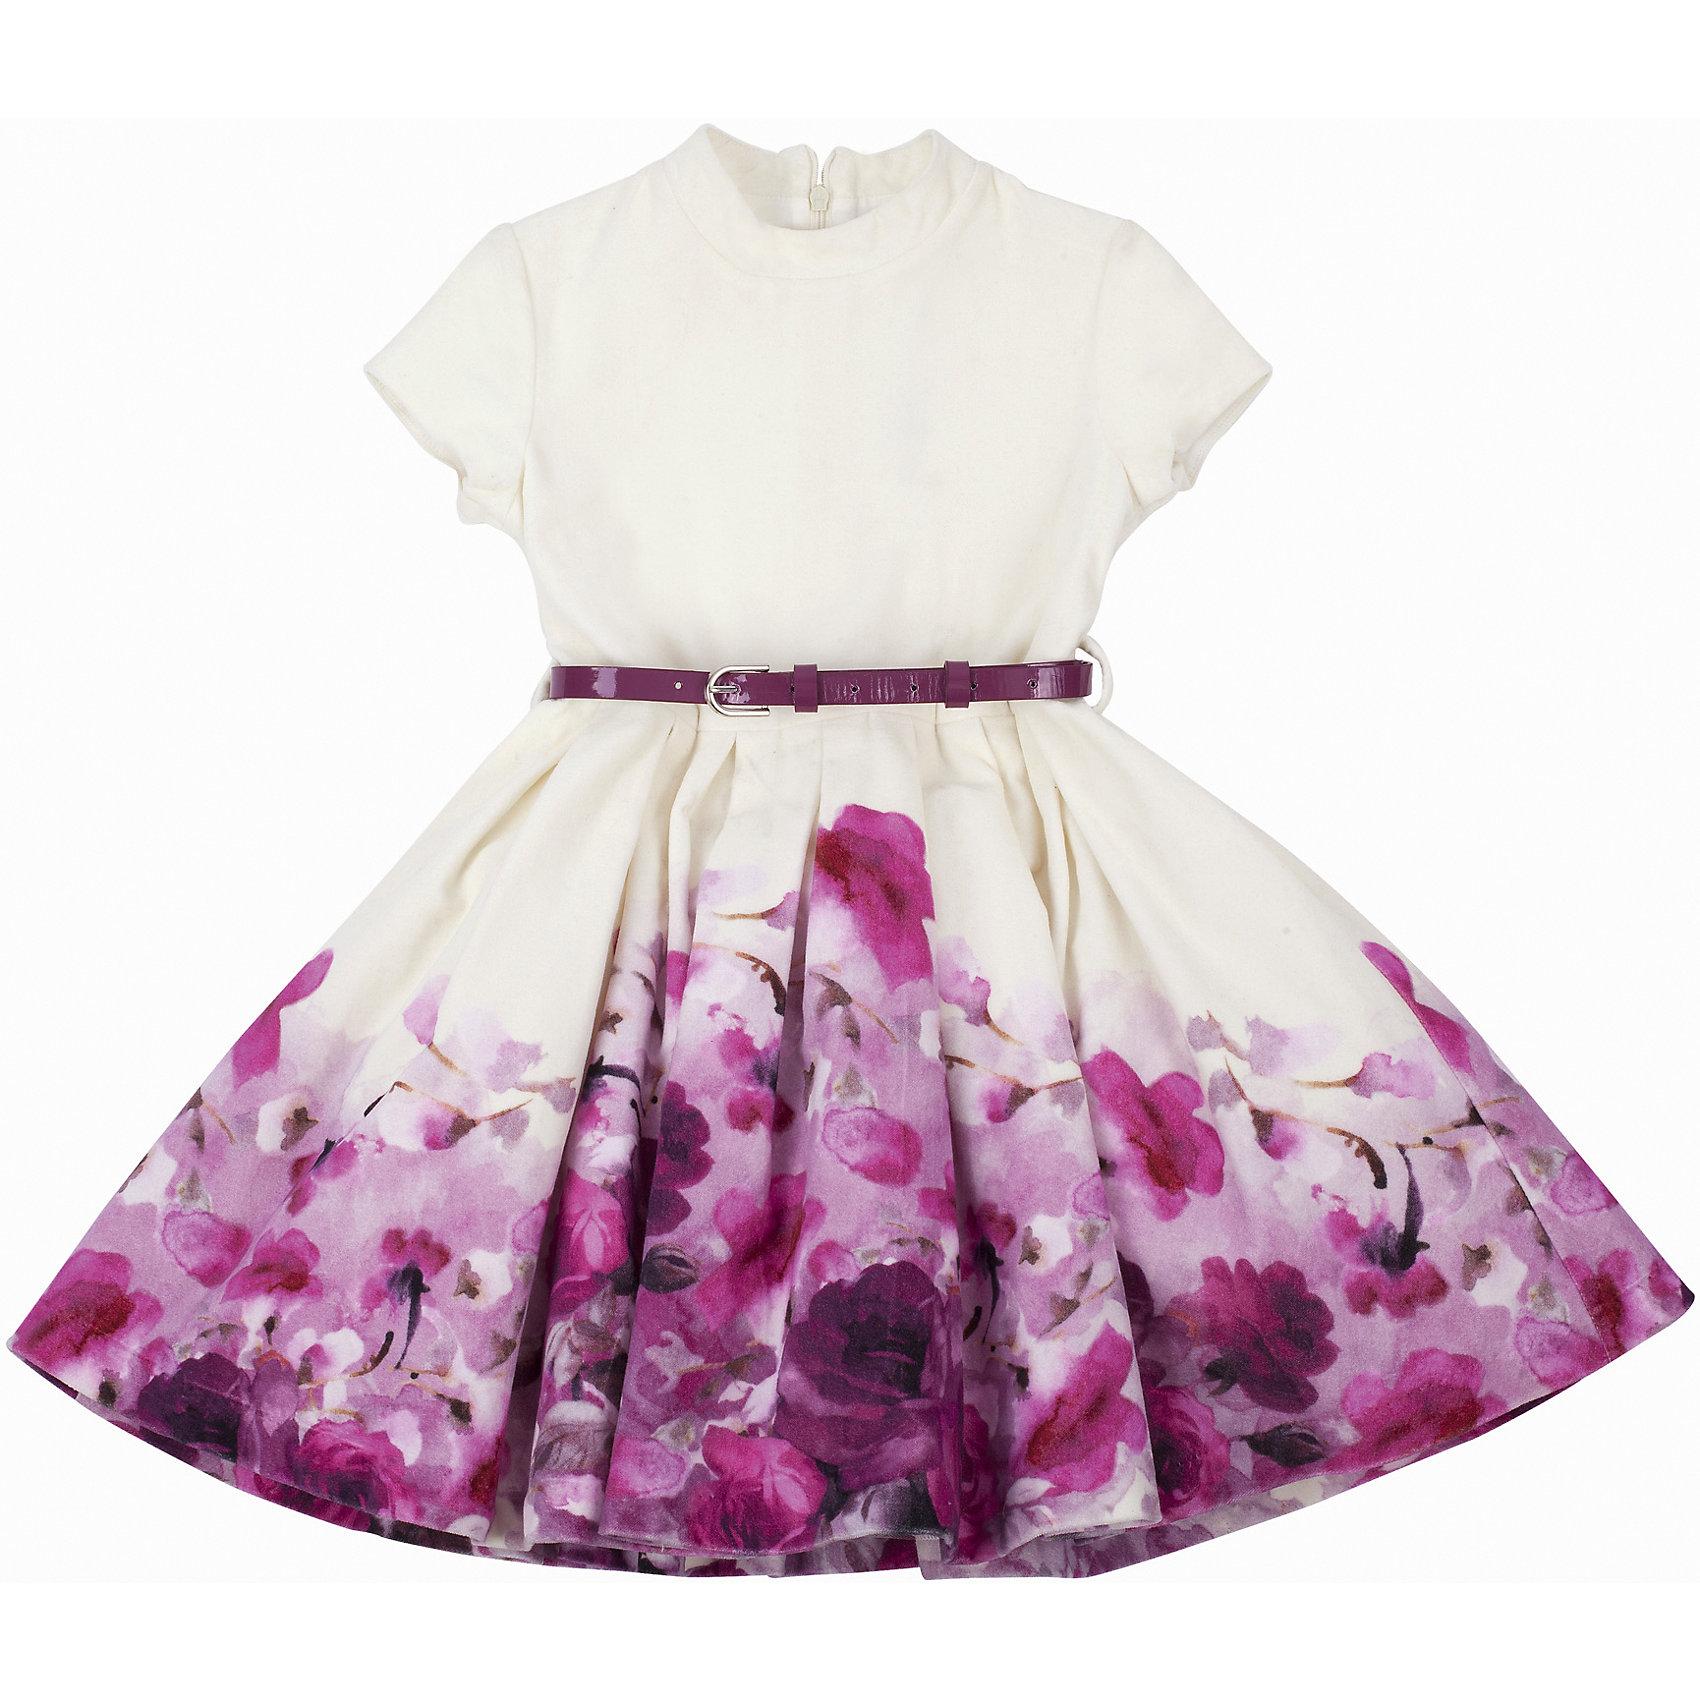 Нарядное платье для девочки GulliverПлатье для девочки от известного бренда Gulliver.<br>Ох уж, эти модницы… Их гардероб пестрит нарядами, но разве можно пройти мимо нового платья? Платья для девочек - предмет их особой гордости! Платья - символ женственности и красоты! Если вы хотите порадовать ребенка интересной обновой, вам нужно купить модное платье! Красивое платье из нежного велюра с коротким рукавом и элегантной стойкой построено на сочетании молочной глади и яркого цветочного рисунка. Расклешенная форма, красивый объем, полученный благодаря двухъярусному подъюбнику из сетки, делают платье очень элегантным и выразительным. Выполненное из 100% хлопка, платье подарит комфорт и отличное настроение. Тонкий лаковый поясок подчеркнет красоту и грациозность его обладательницы.<br>Состав:<br>верх: 100% хлопок; подкладка: 100% хлопок<br><br>Ширина мм: 236<br>Глубина мм: 16<br>Высота мм: 184<br>Вес г: 177<br>Цвет: белый<br>Возраст от месяцев: 24<br>Возраст до месяцев: 36<br>Пол: Женский<br>Возраст: Детский<br>Размер: 98,116,104,110<br>SKU: 5103469